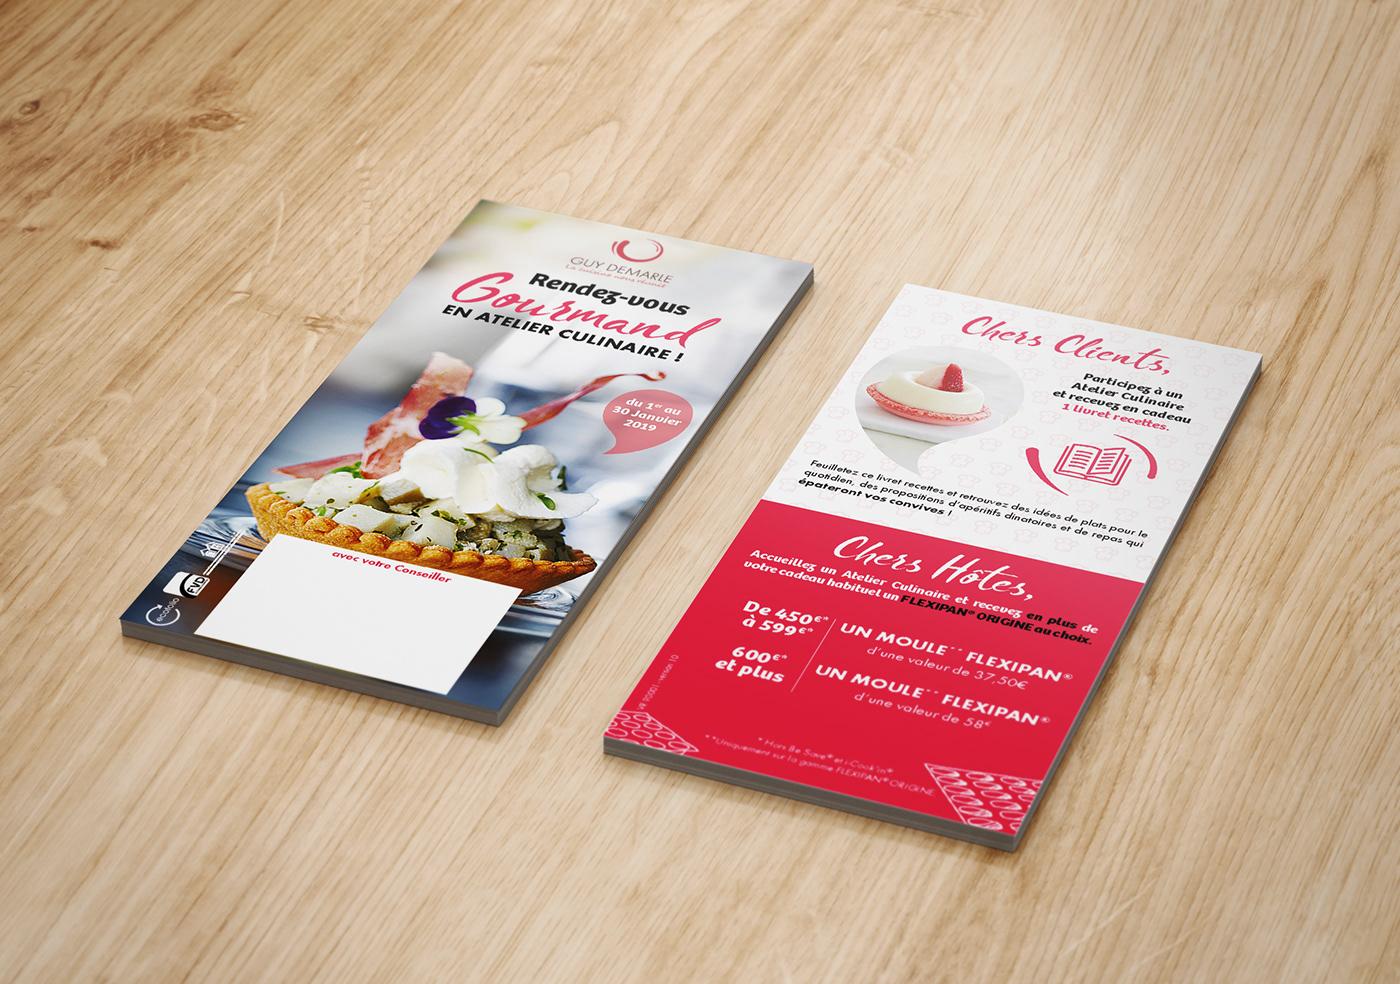 Image may contain: menu, food and book